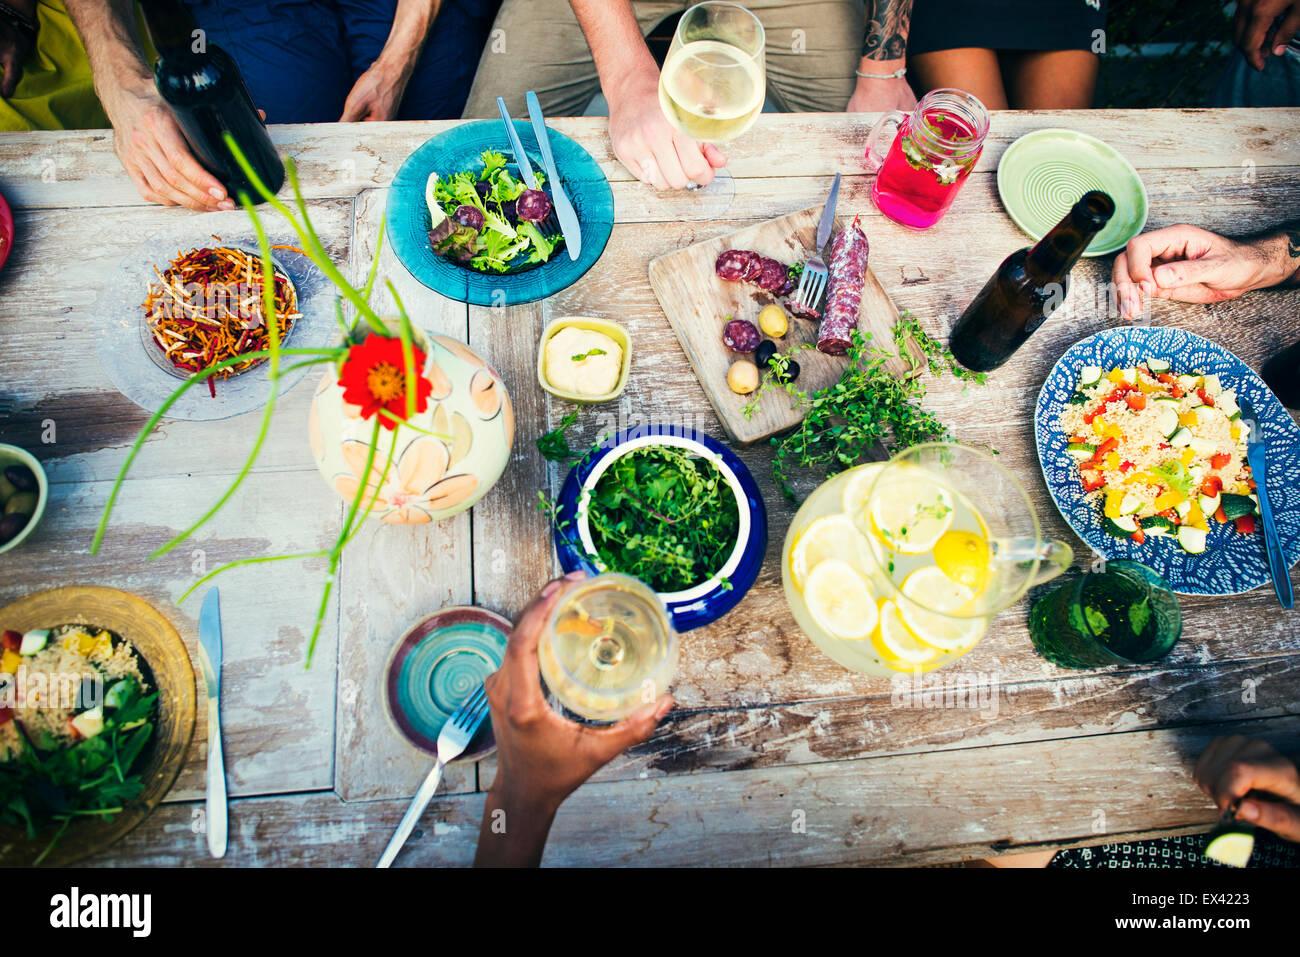 Tabla de alimentos saludables deliciosa comida orgánica concepto Imagen De Stock